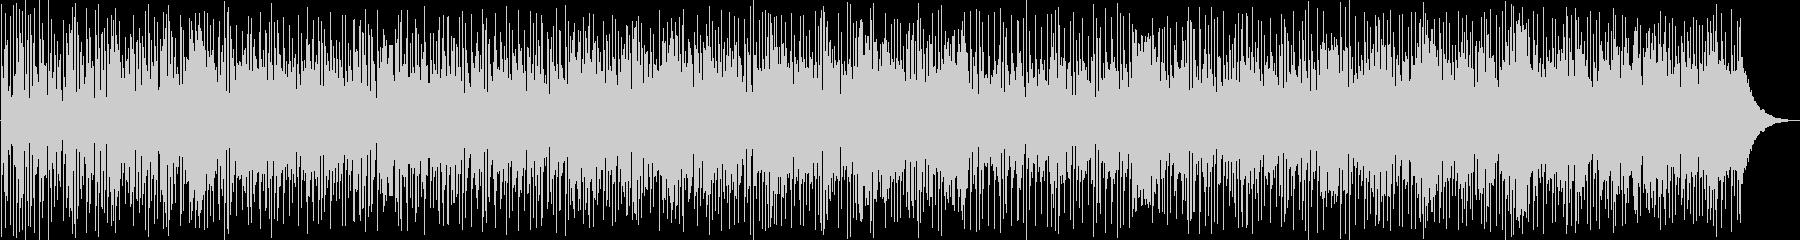 ワイルド感のあるファンクロックの未再生の波形